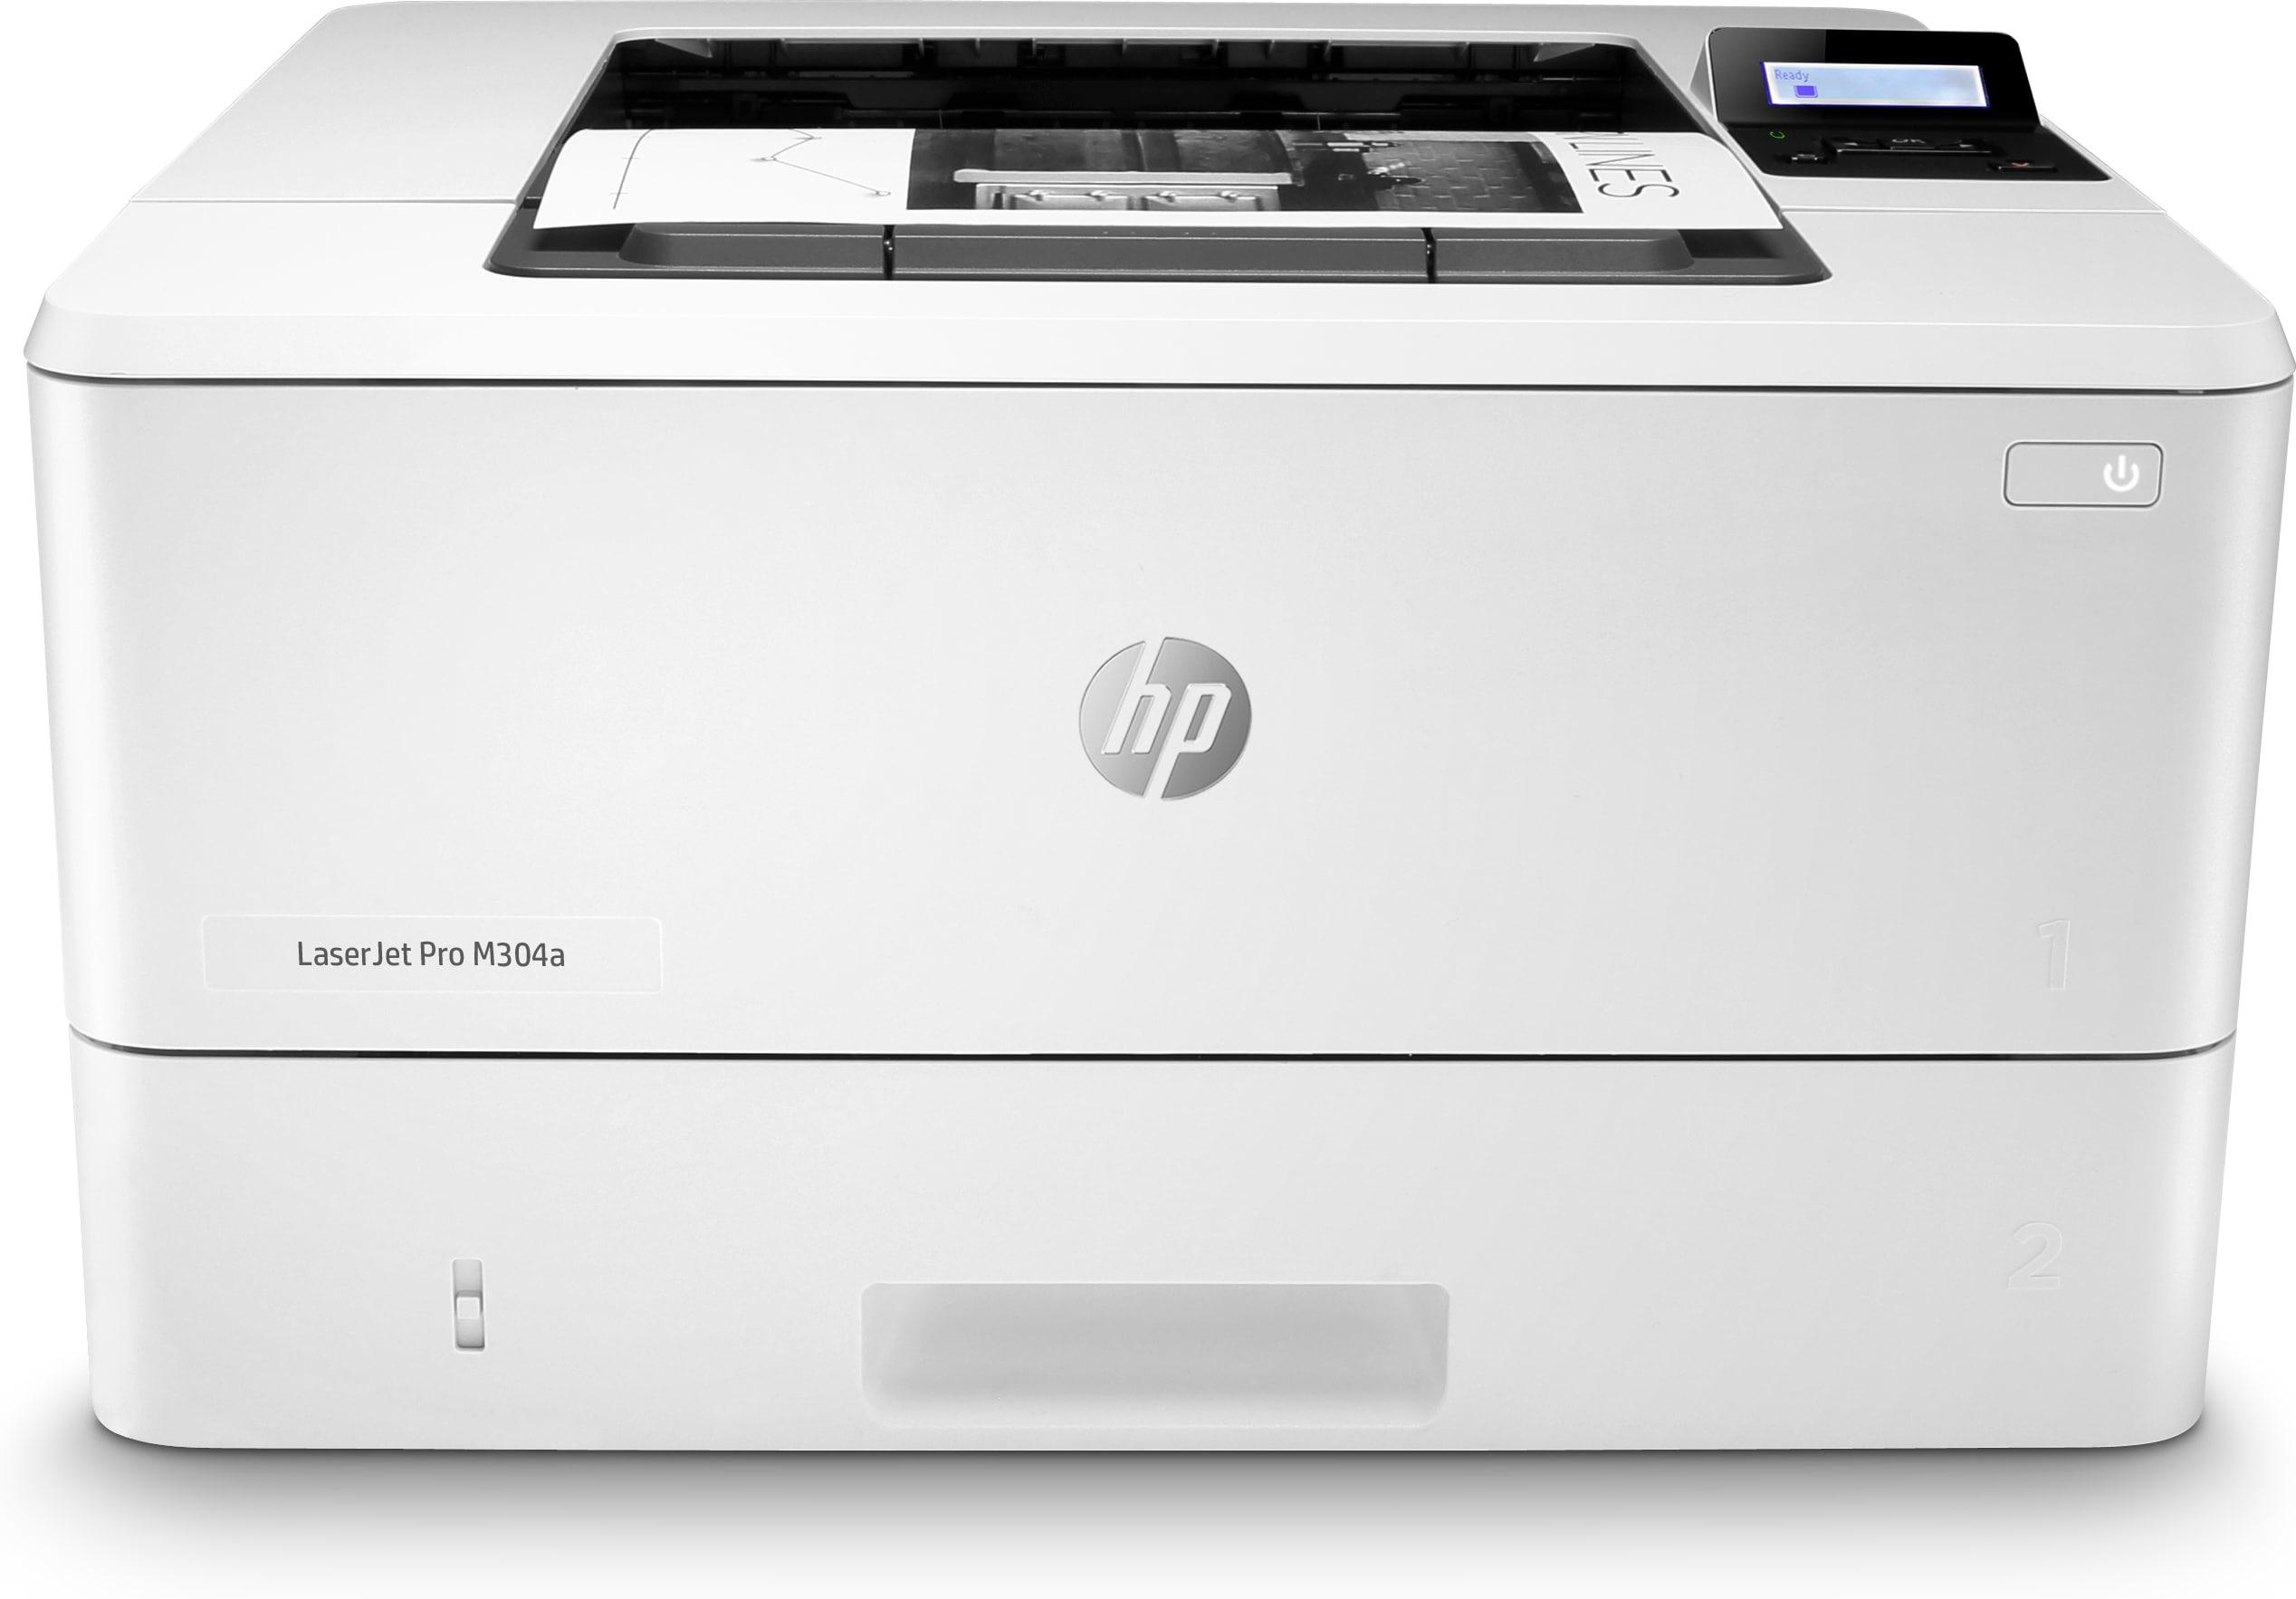 HP LaserJet Pro M304a - A4 - 37 Seiten pro Minute - Doppeltdruck - Schwarz - Weiß